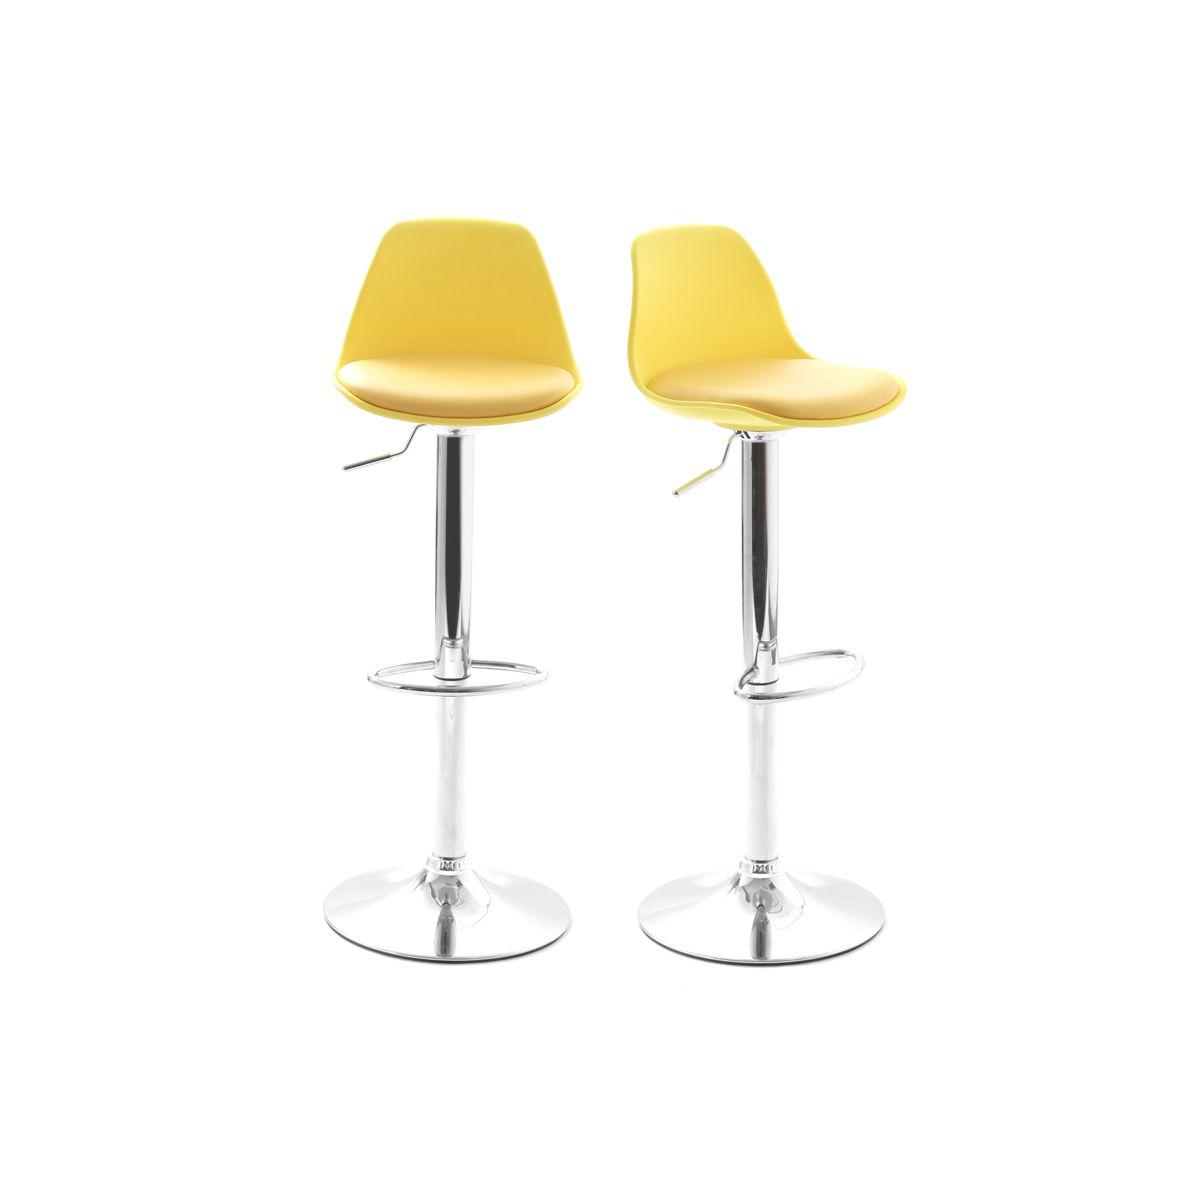 Dove acquistare Gruppo di 2 sgabelli da bar design colore giallo STEEVY